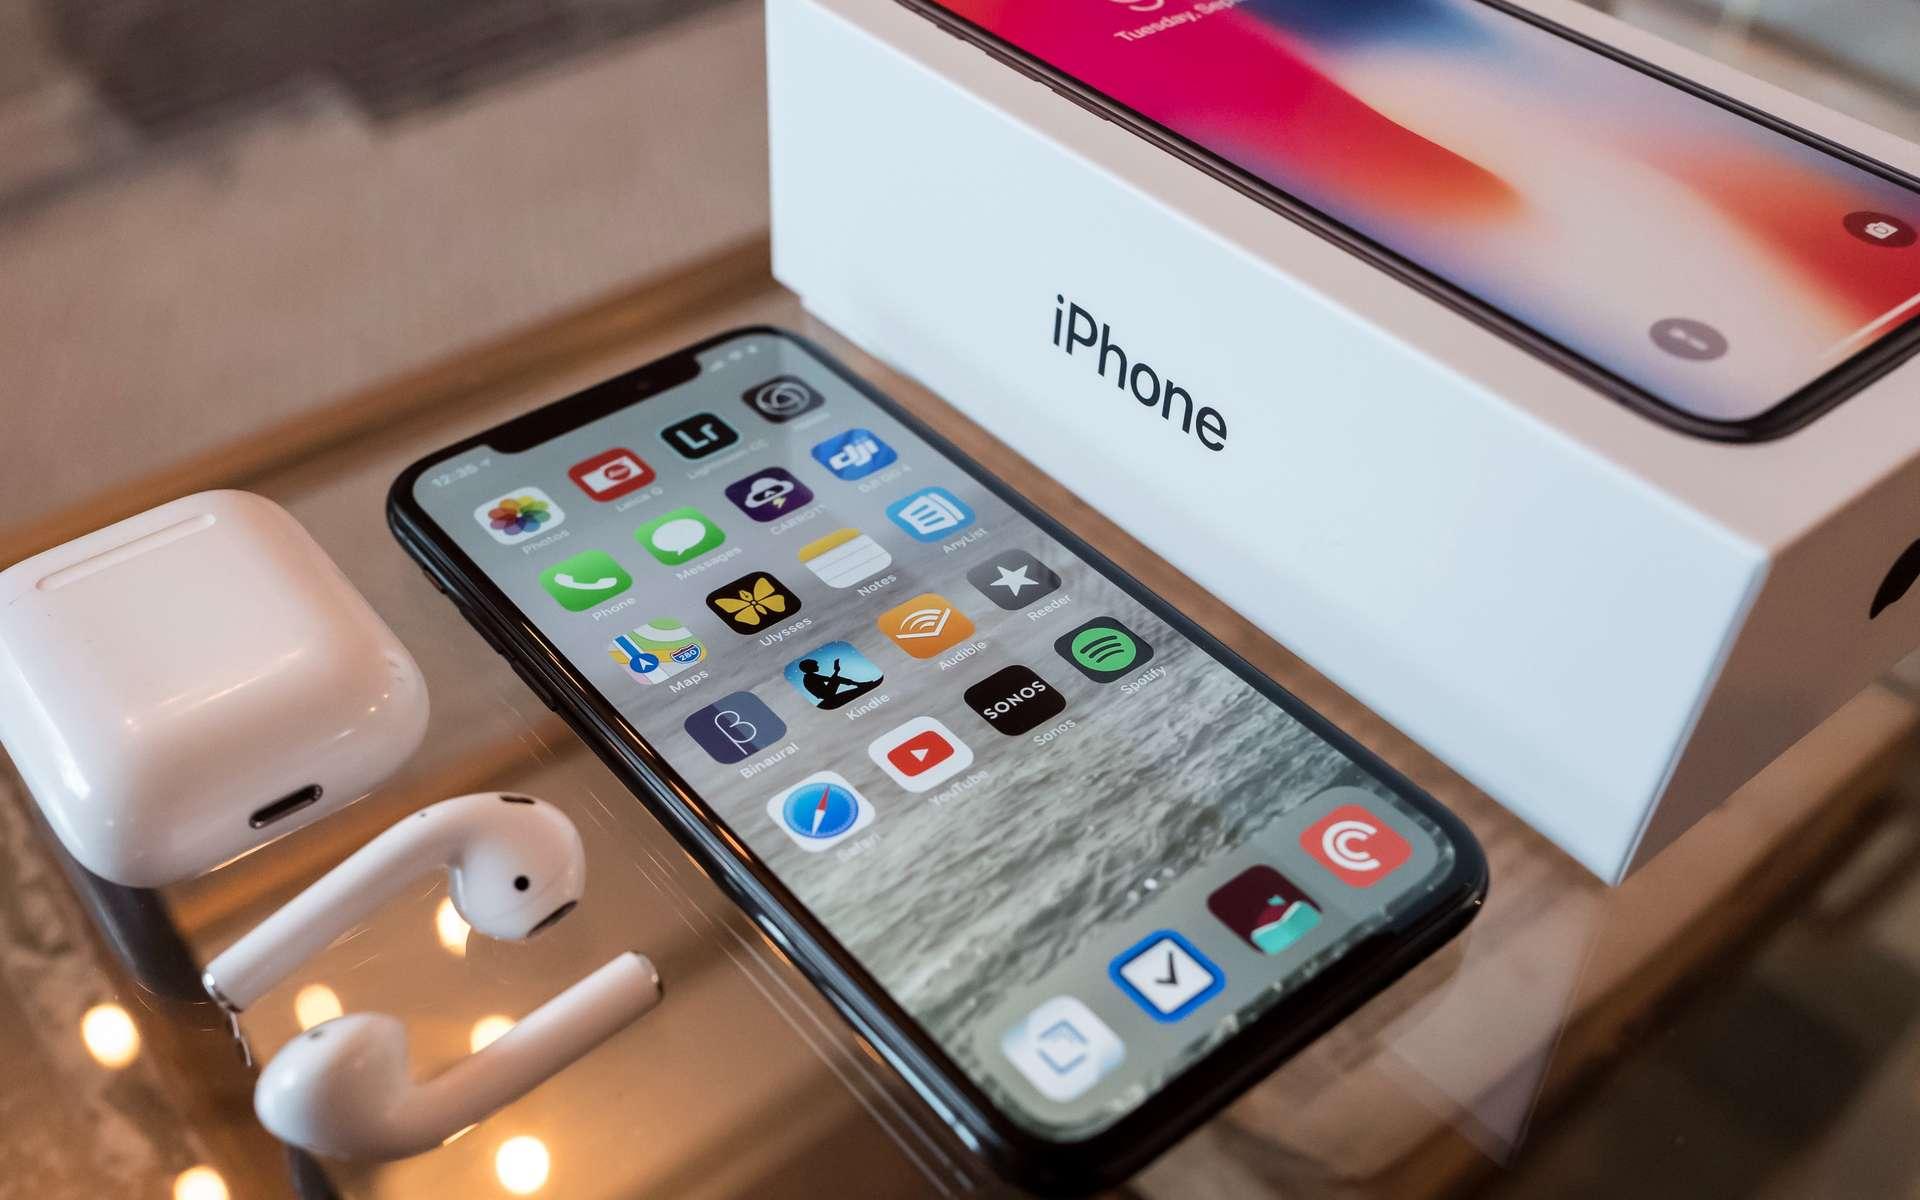 Bon plan iPhone Apple : où et comment le trouver au meilleur prix ?